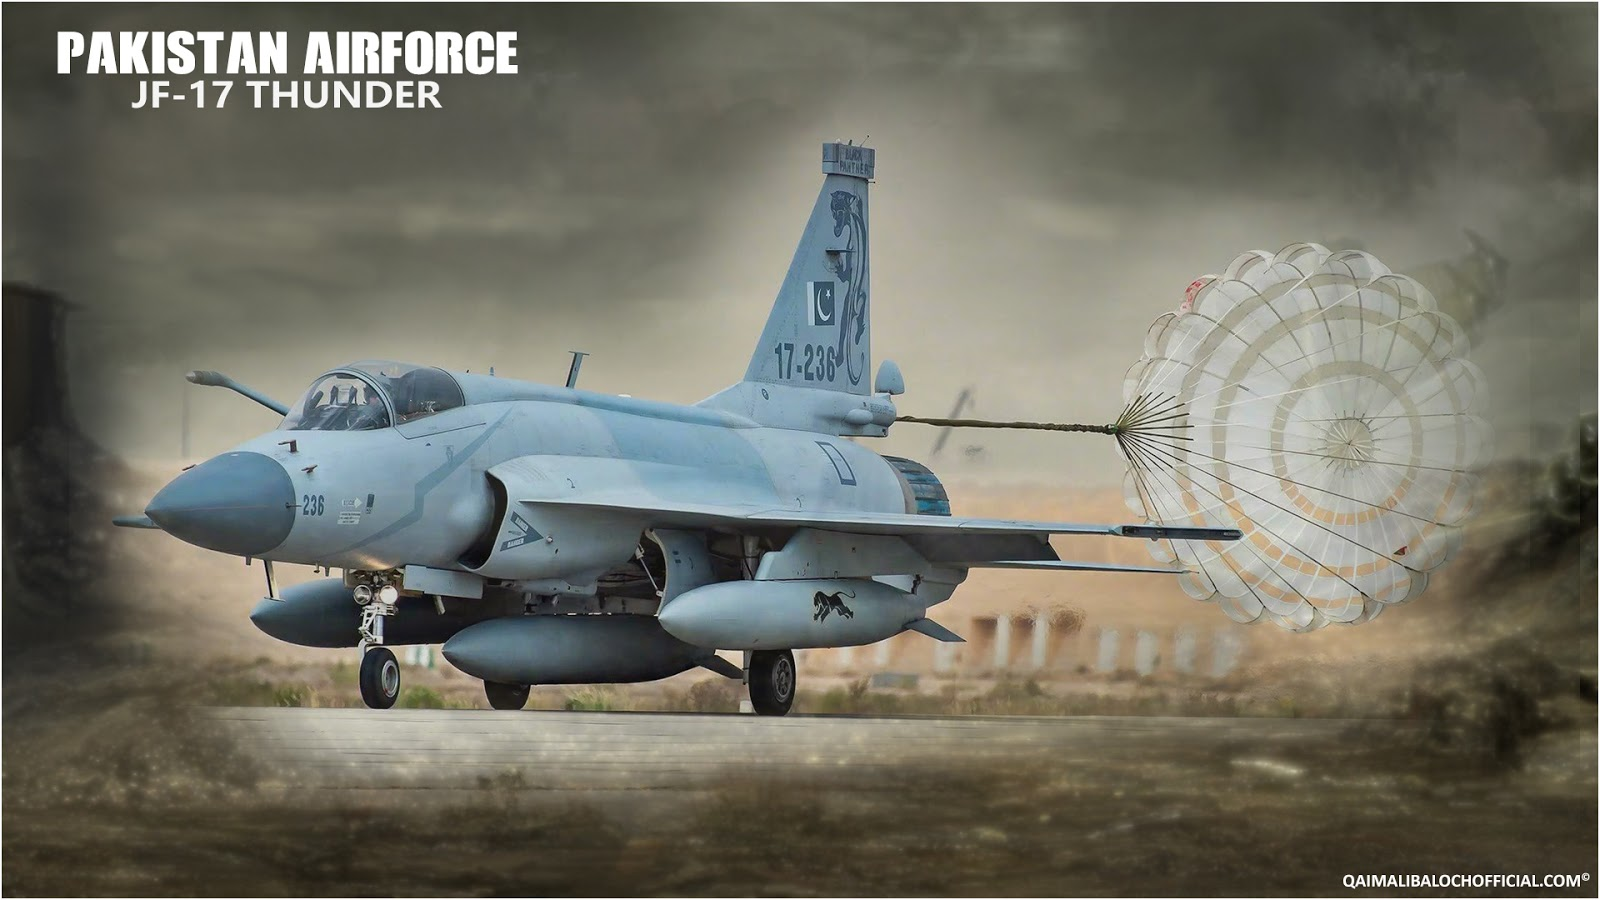 Pak Army Wallpapers-PC - Qaimalibalochofficial